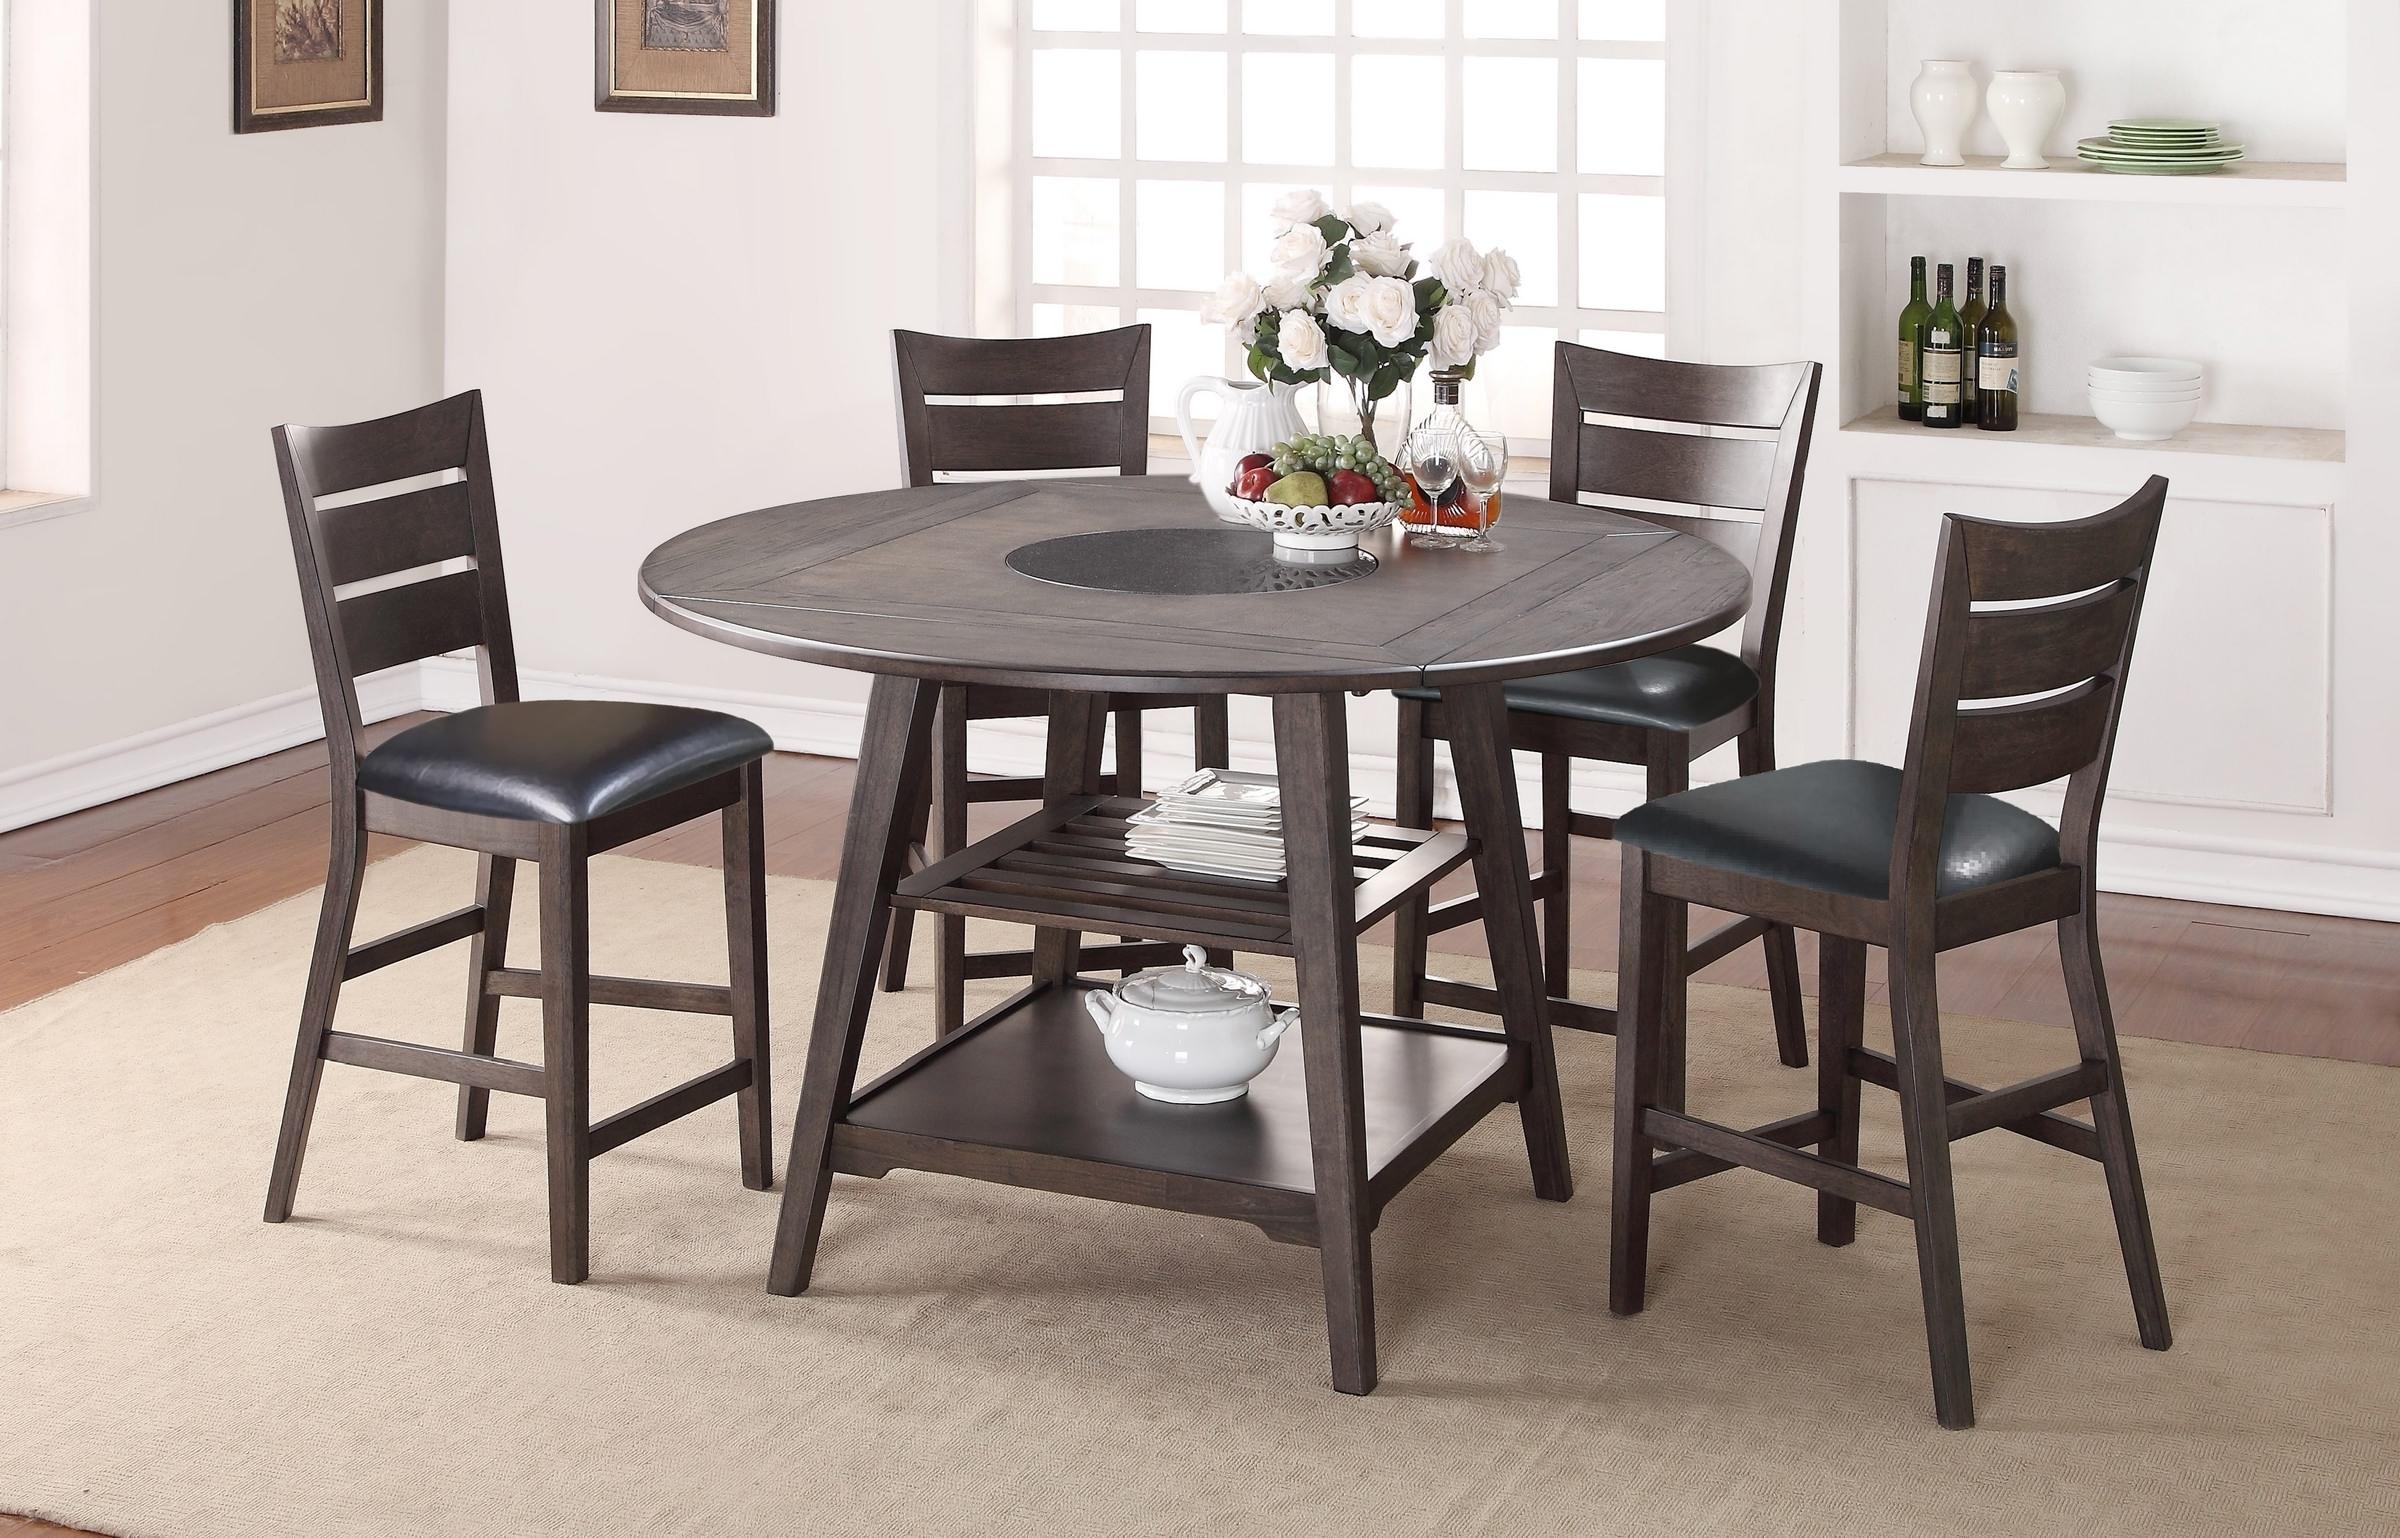 Ensemble Bistro Table et 4 chaises 42'' x 42'' ou 59.5'' rond Pateau central pivotant